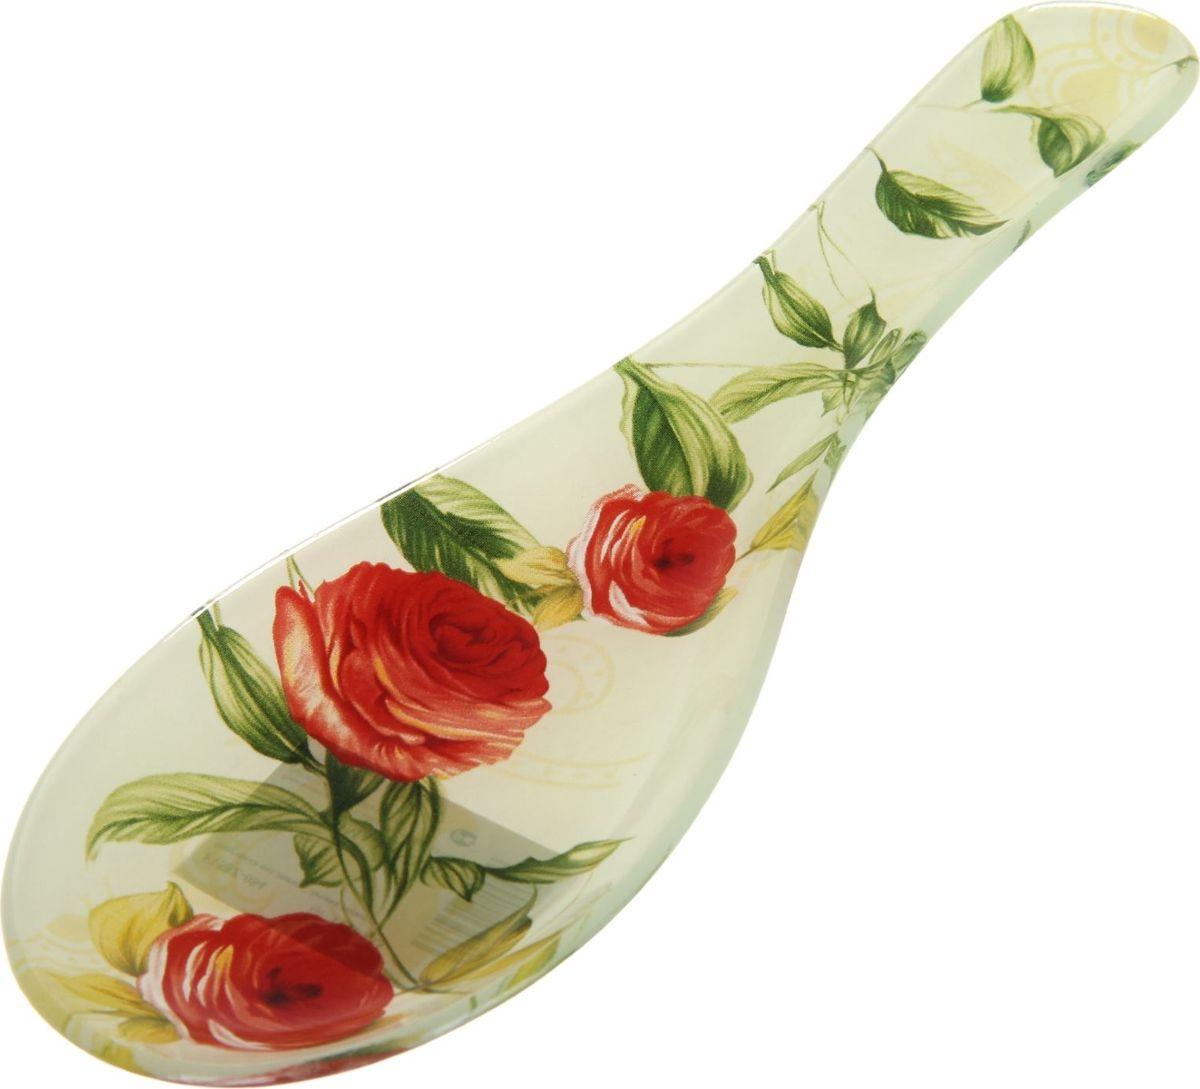 Подставка под ложку Доляна Чайная роза, 23 х 8 см1113433Подставка для ложки — необходимый инструмент на кухне рачительной хозяйки. Предмет защищает поверхность стола и скатерти от грязи и жира. Предмет не требует особых условий хранения и прослужит долгое время. Избегайте ударов и падений.Готовьте быстро и с удовольствием!